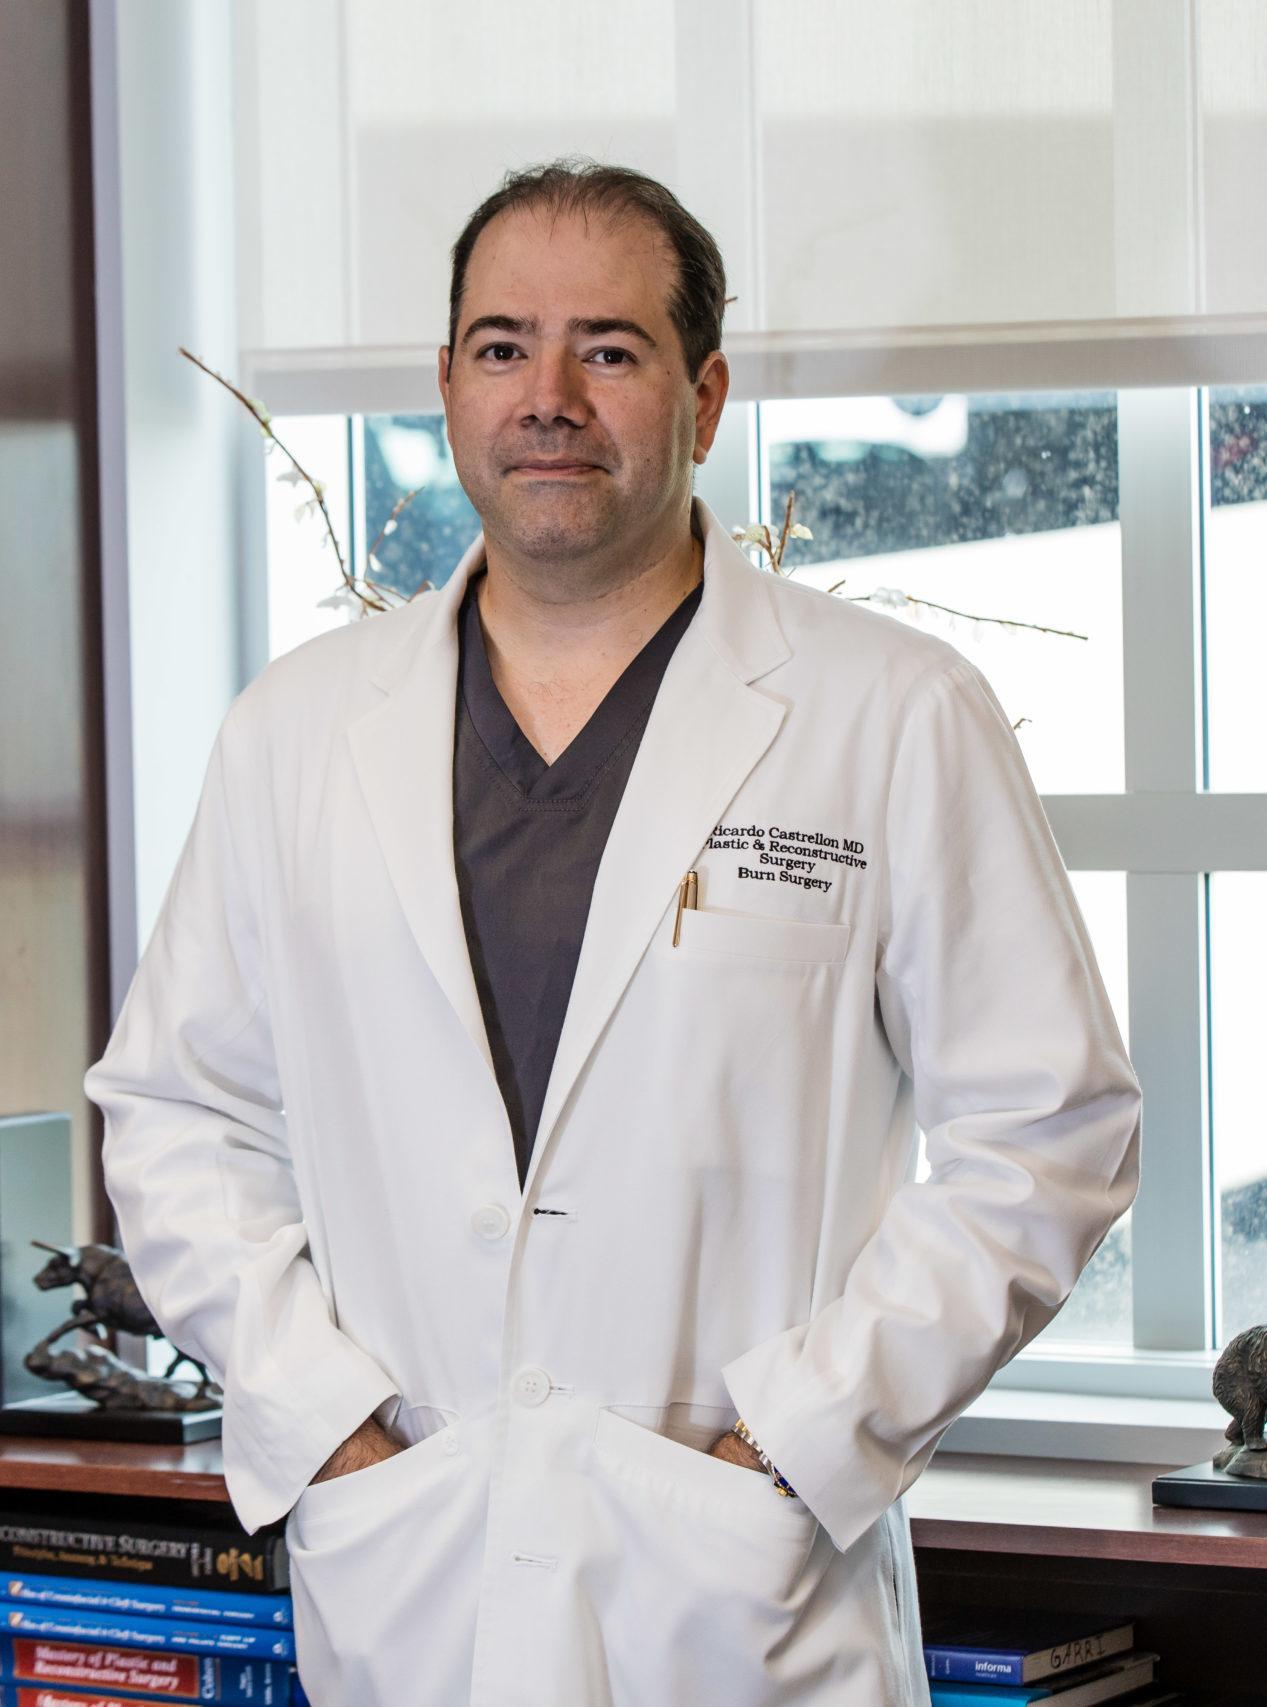 Dr-Ricardo-Castrellon-Miami-Double-Board-Certified-Plastic-Surgeon